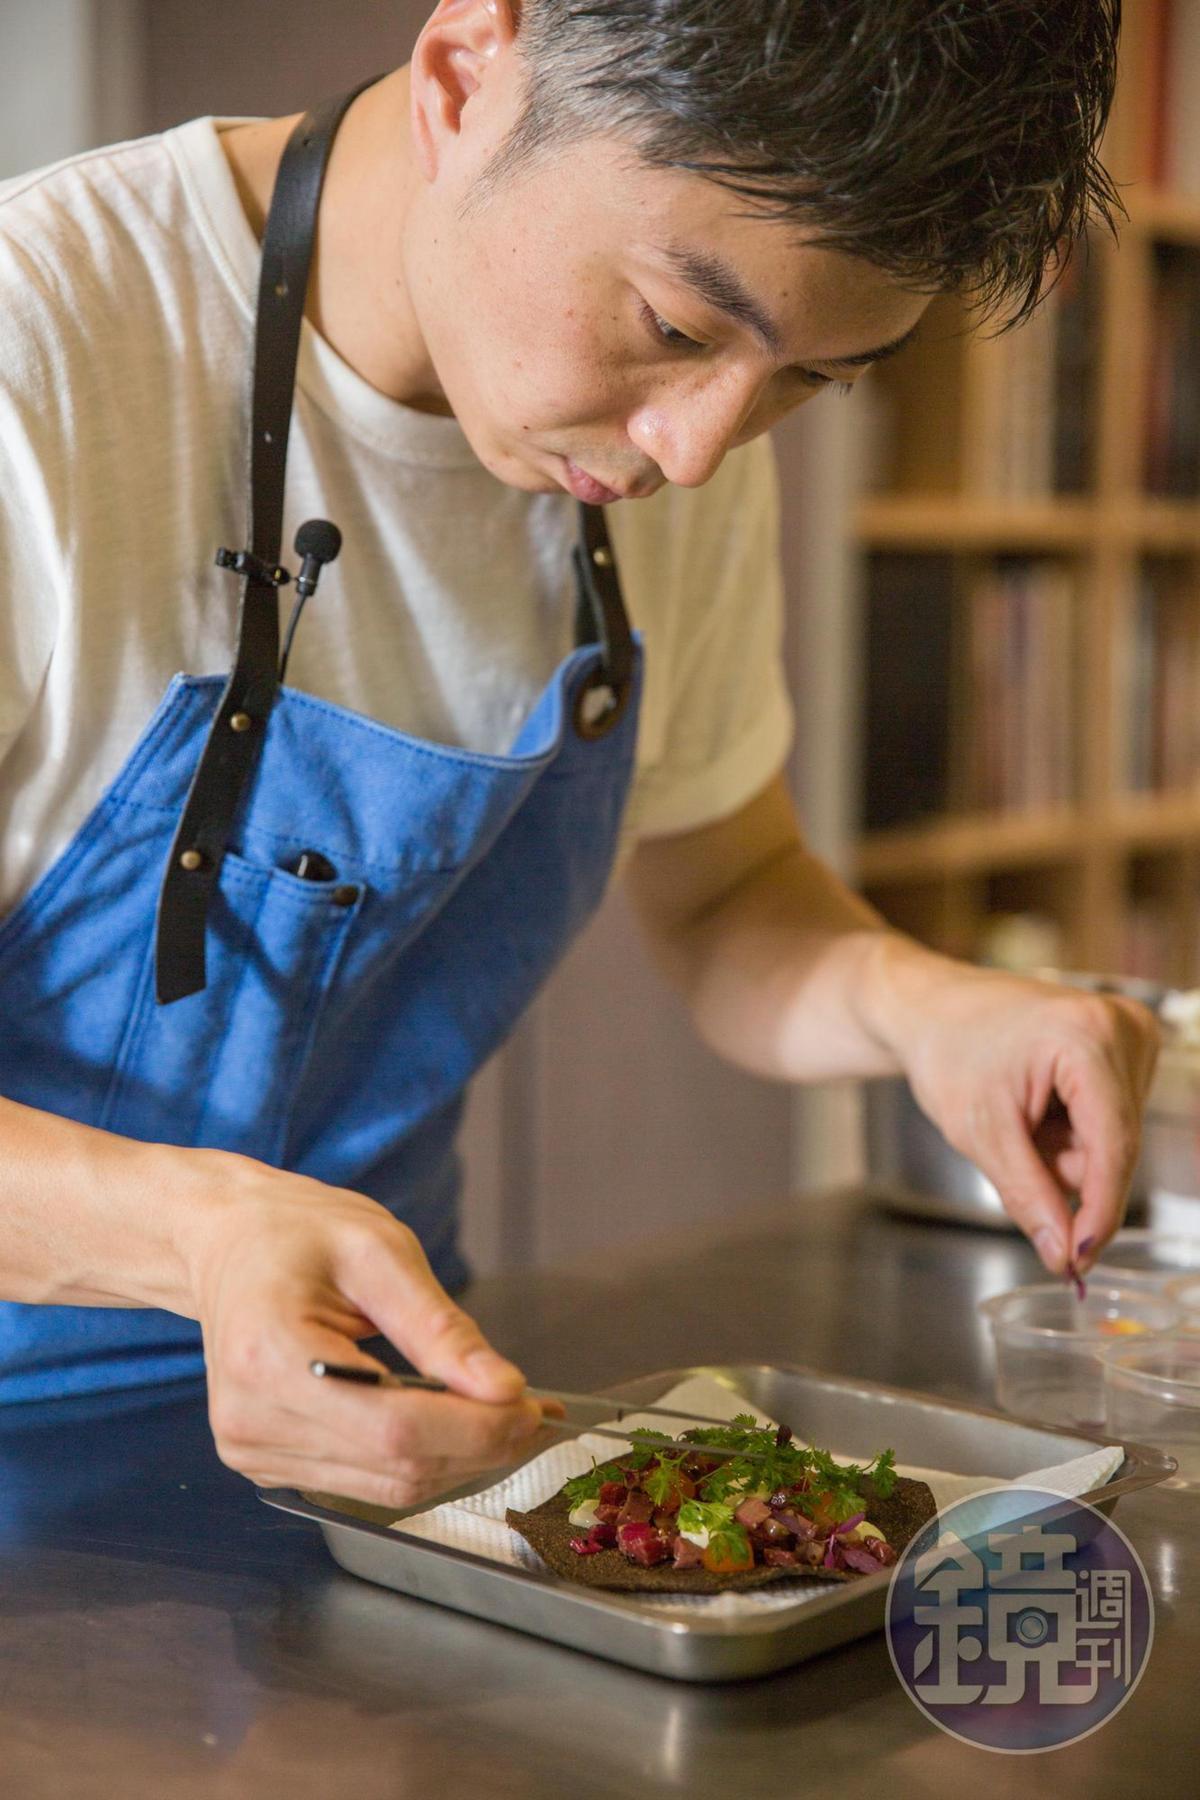 經過縝密思考和嚴謹步驟,MUME主廚林泉是有意識性地在呈現花卉料理。